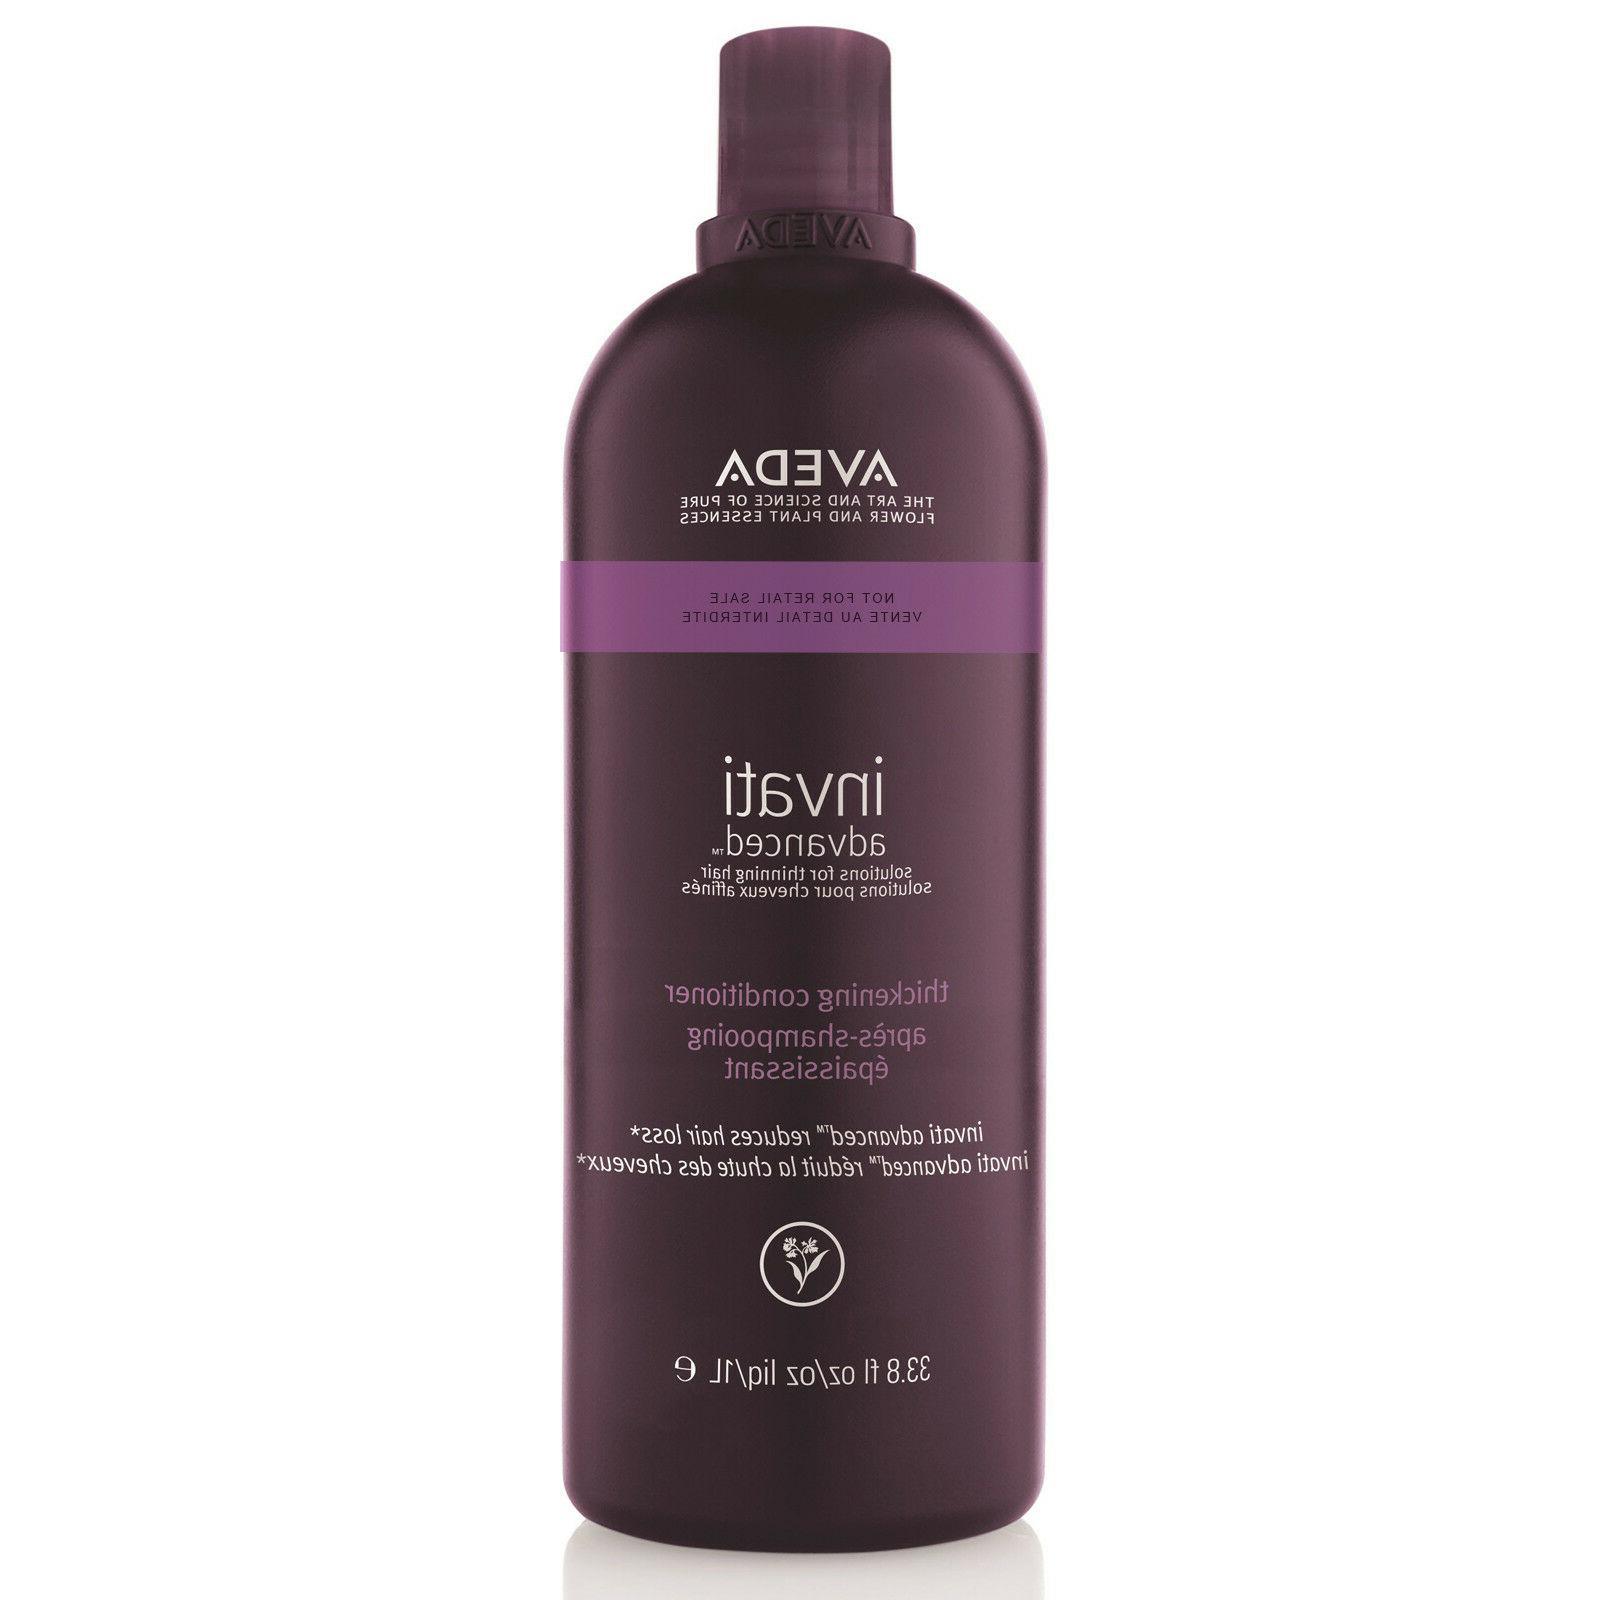 Aveda Invati Advanced Thickening Conditioner 33.8 fl oz. 1 L